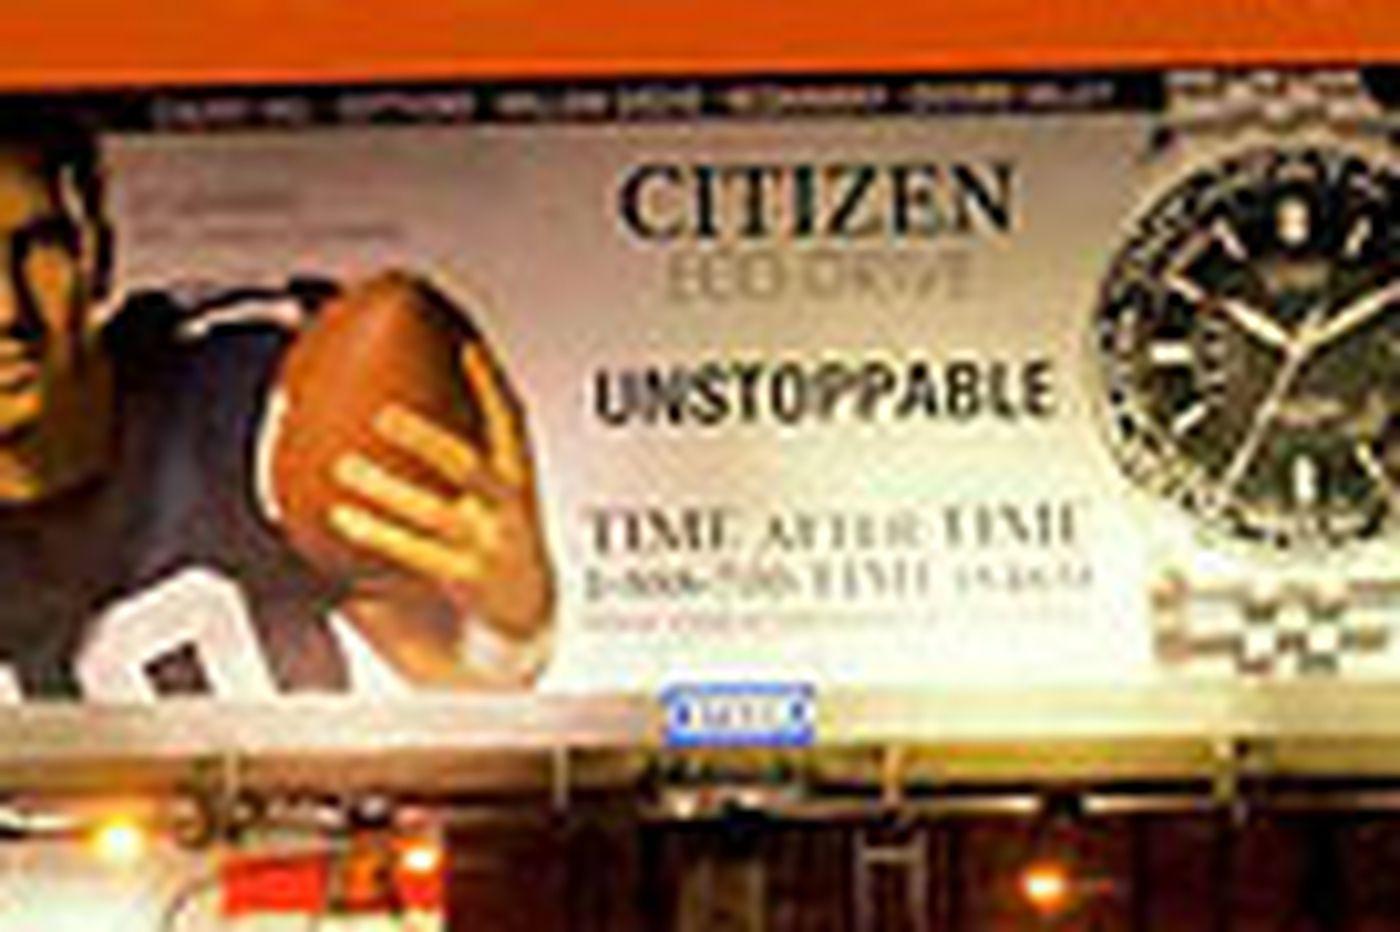 Two New York athletes loom over Philadelphia on billboards